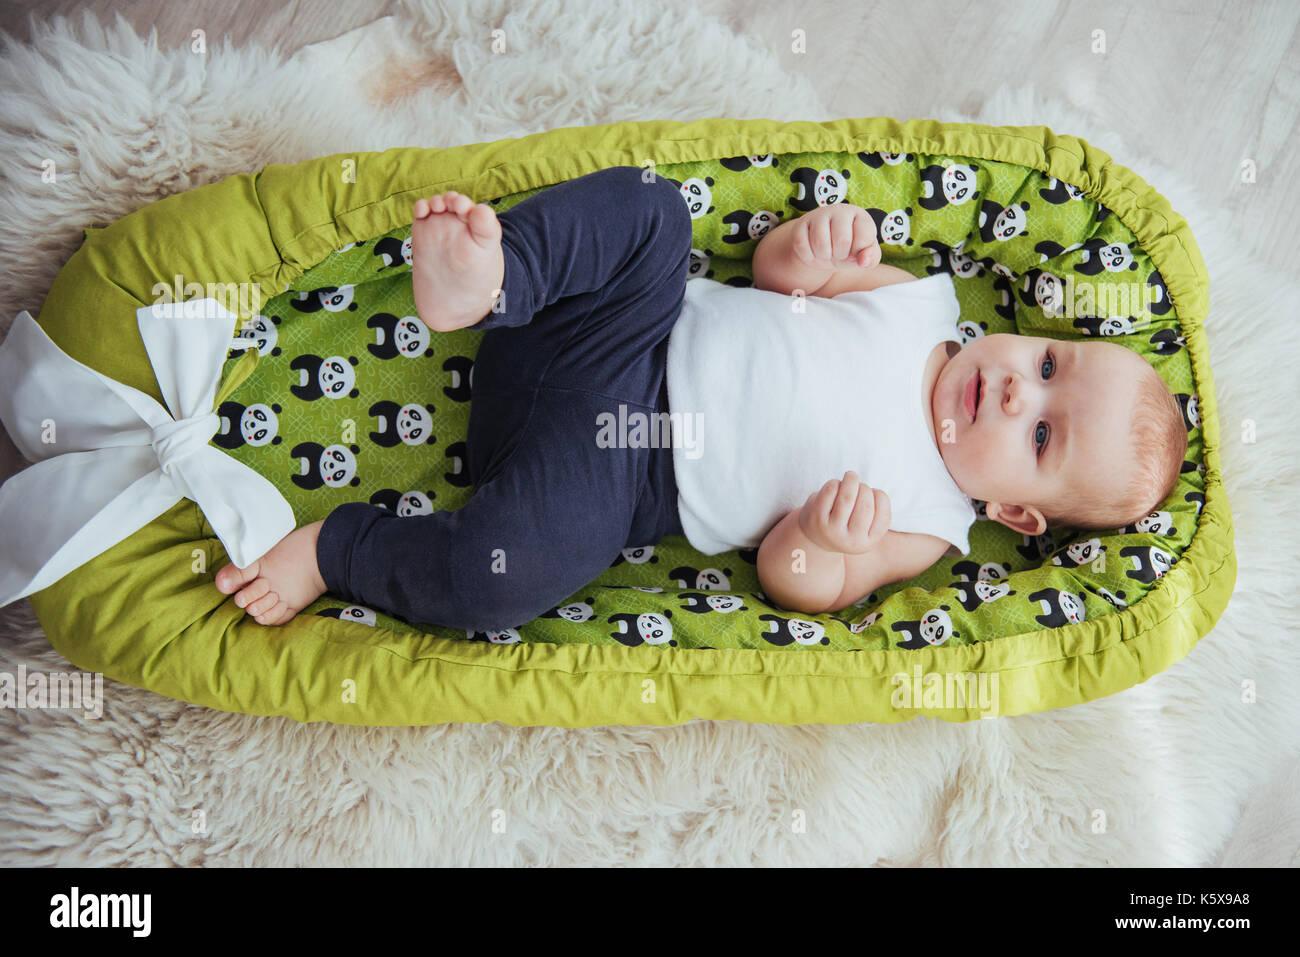 7261f7a1 El bebé duerme en la cama. una saludable bebé poco después del nacimiento.  Imagen